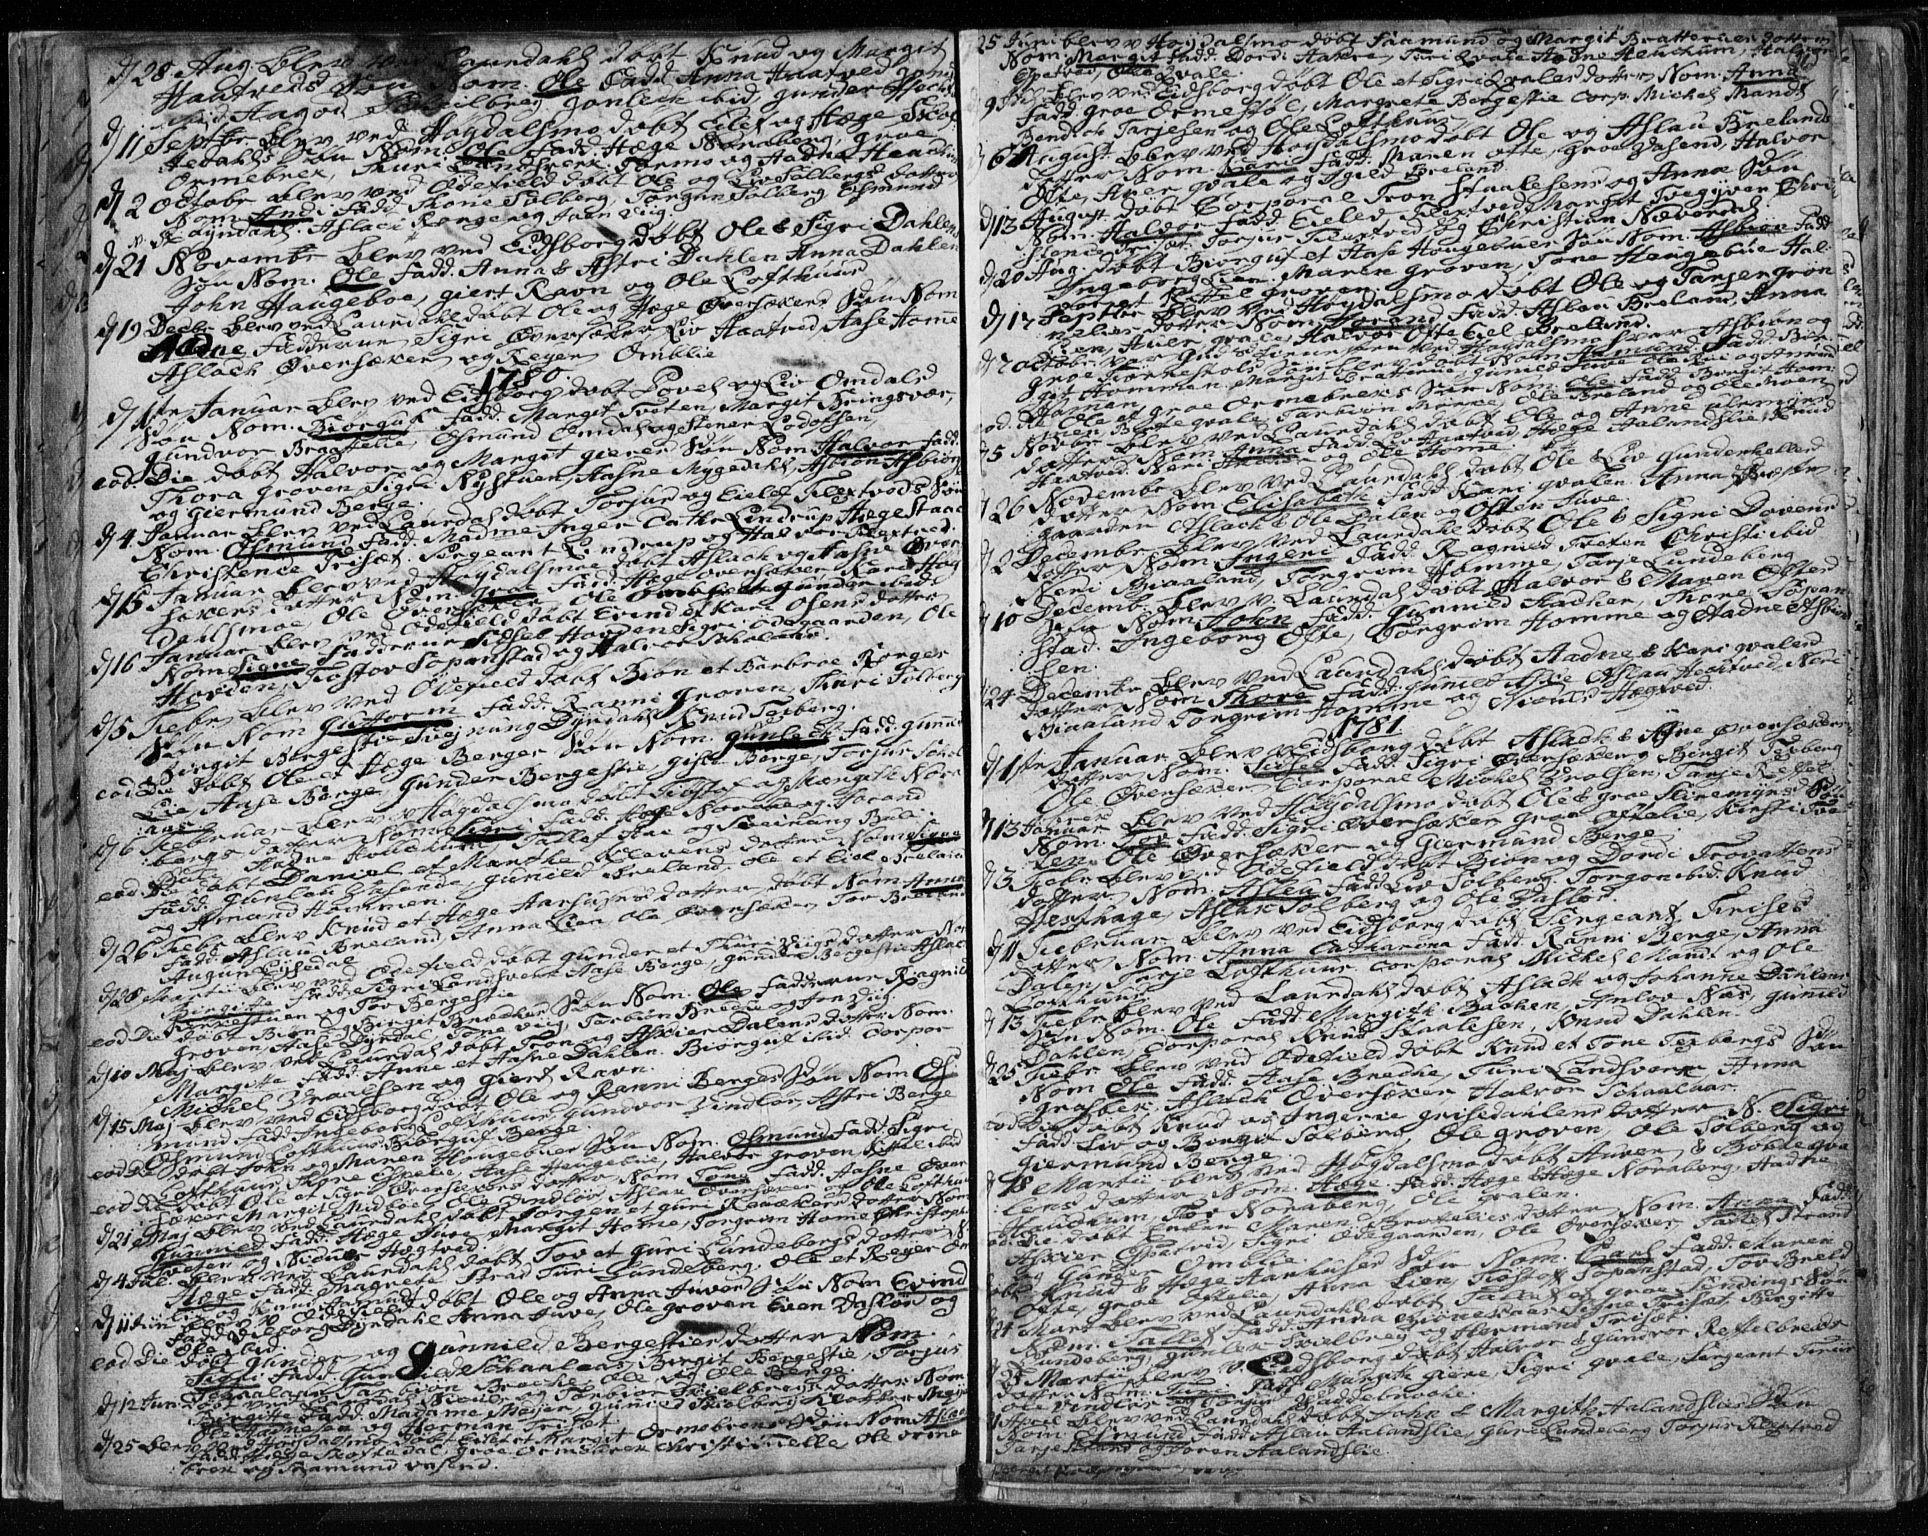 SAKO, Lårdal kirkebøker, F/Fa/L0003: Ministerialbok nr. I 3, 1754-1790, s. 26